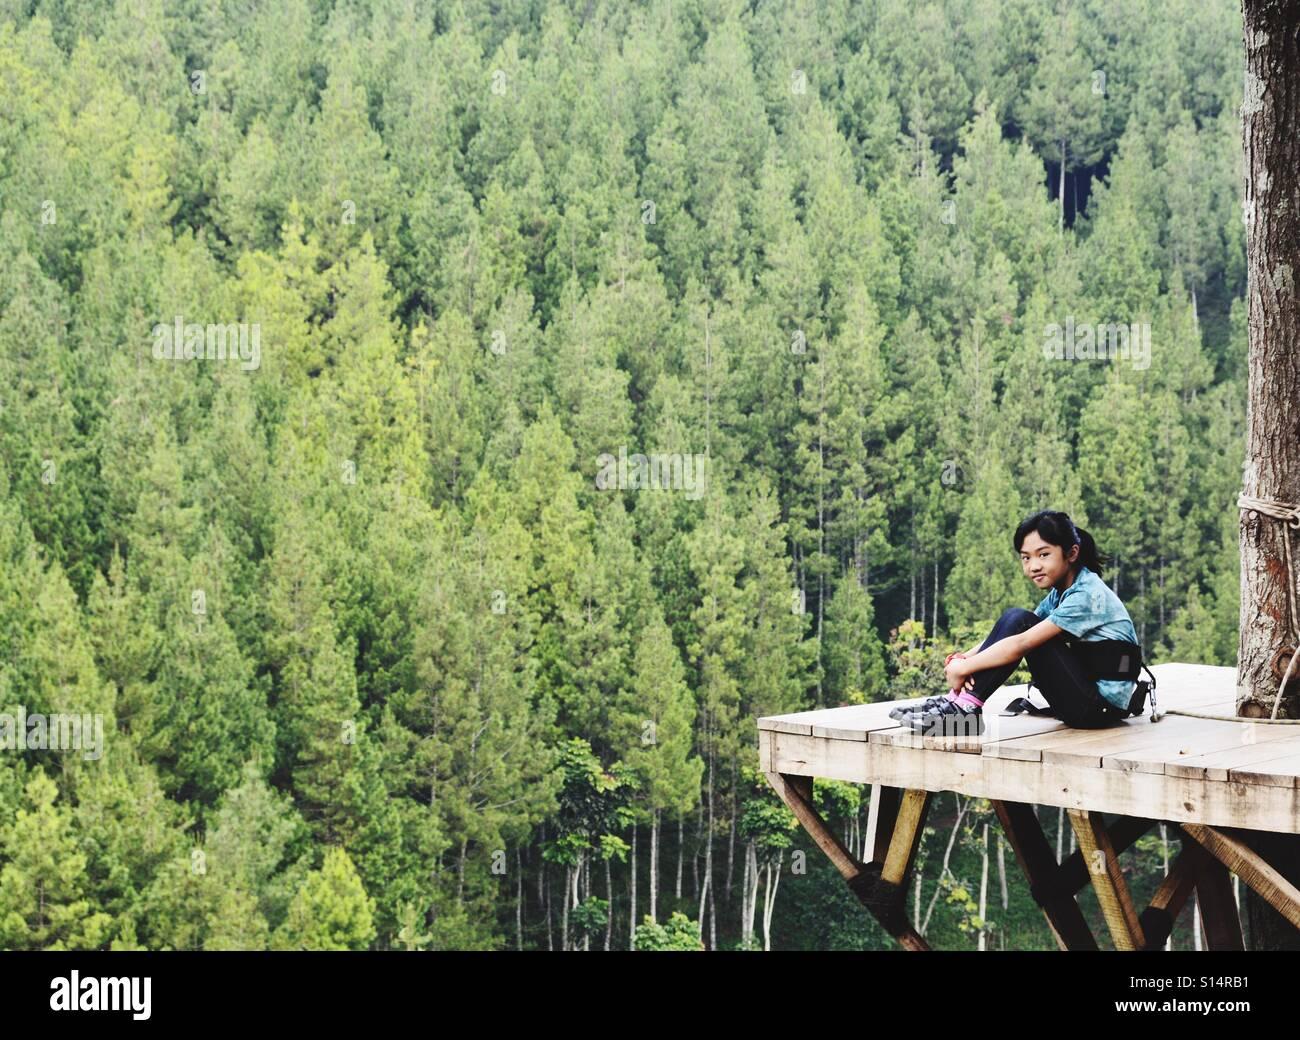 Un joven aventurero con una cabeza para las alturas. Ella se sienta sobre una plataforma de madera elevada por encima Imagen De Stock